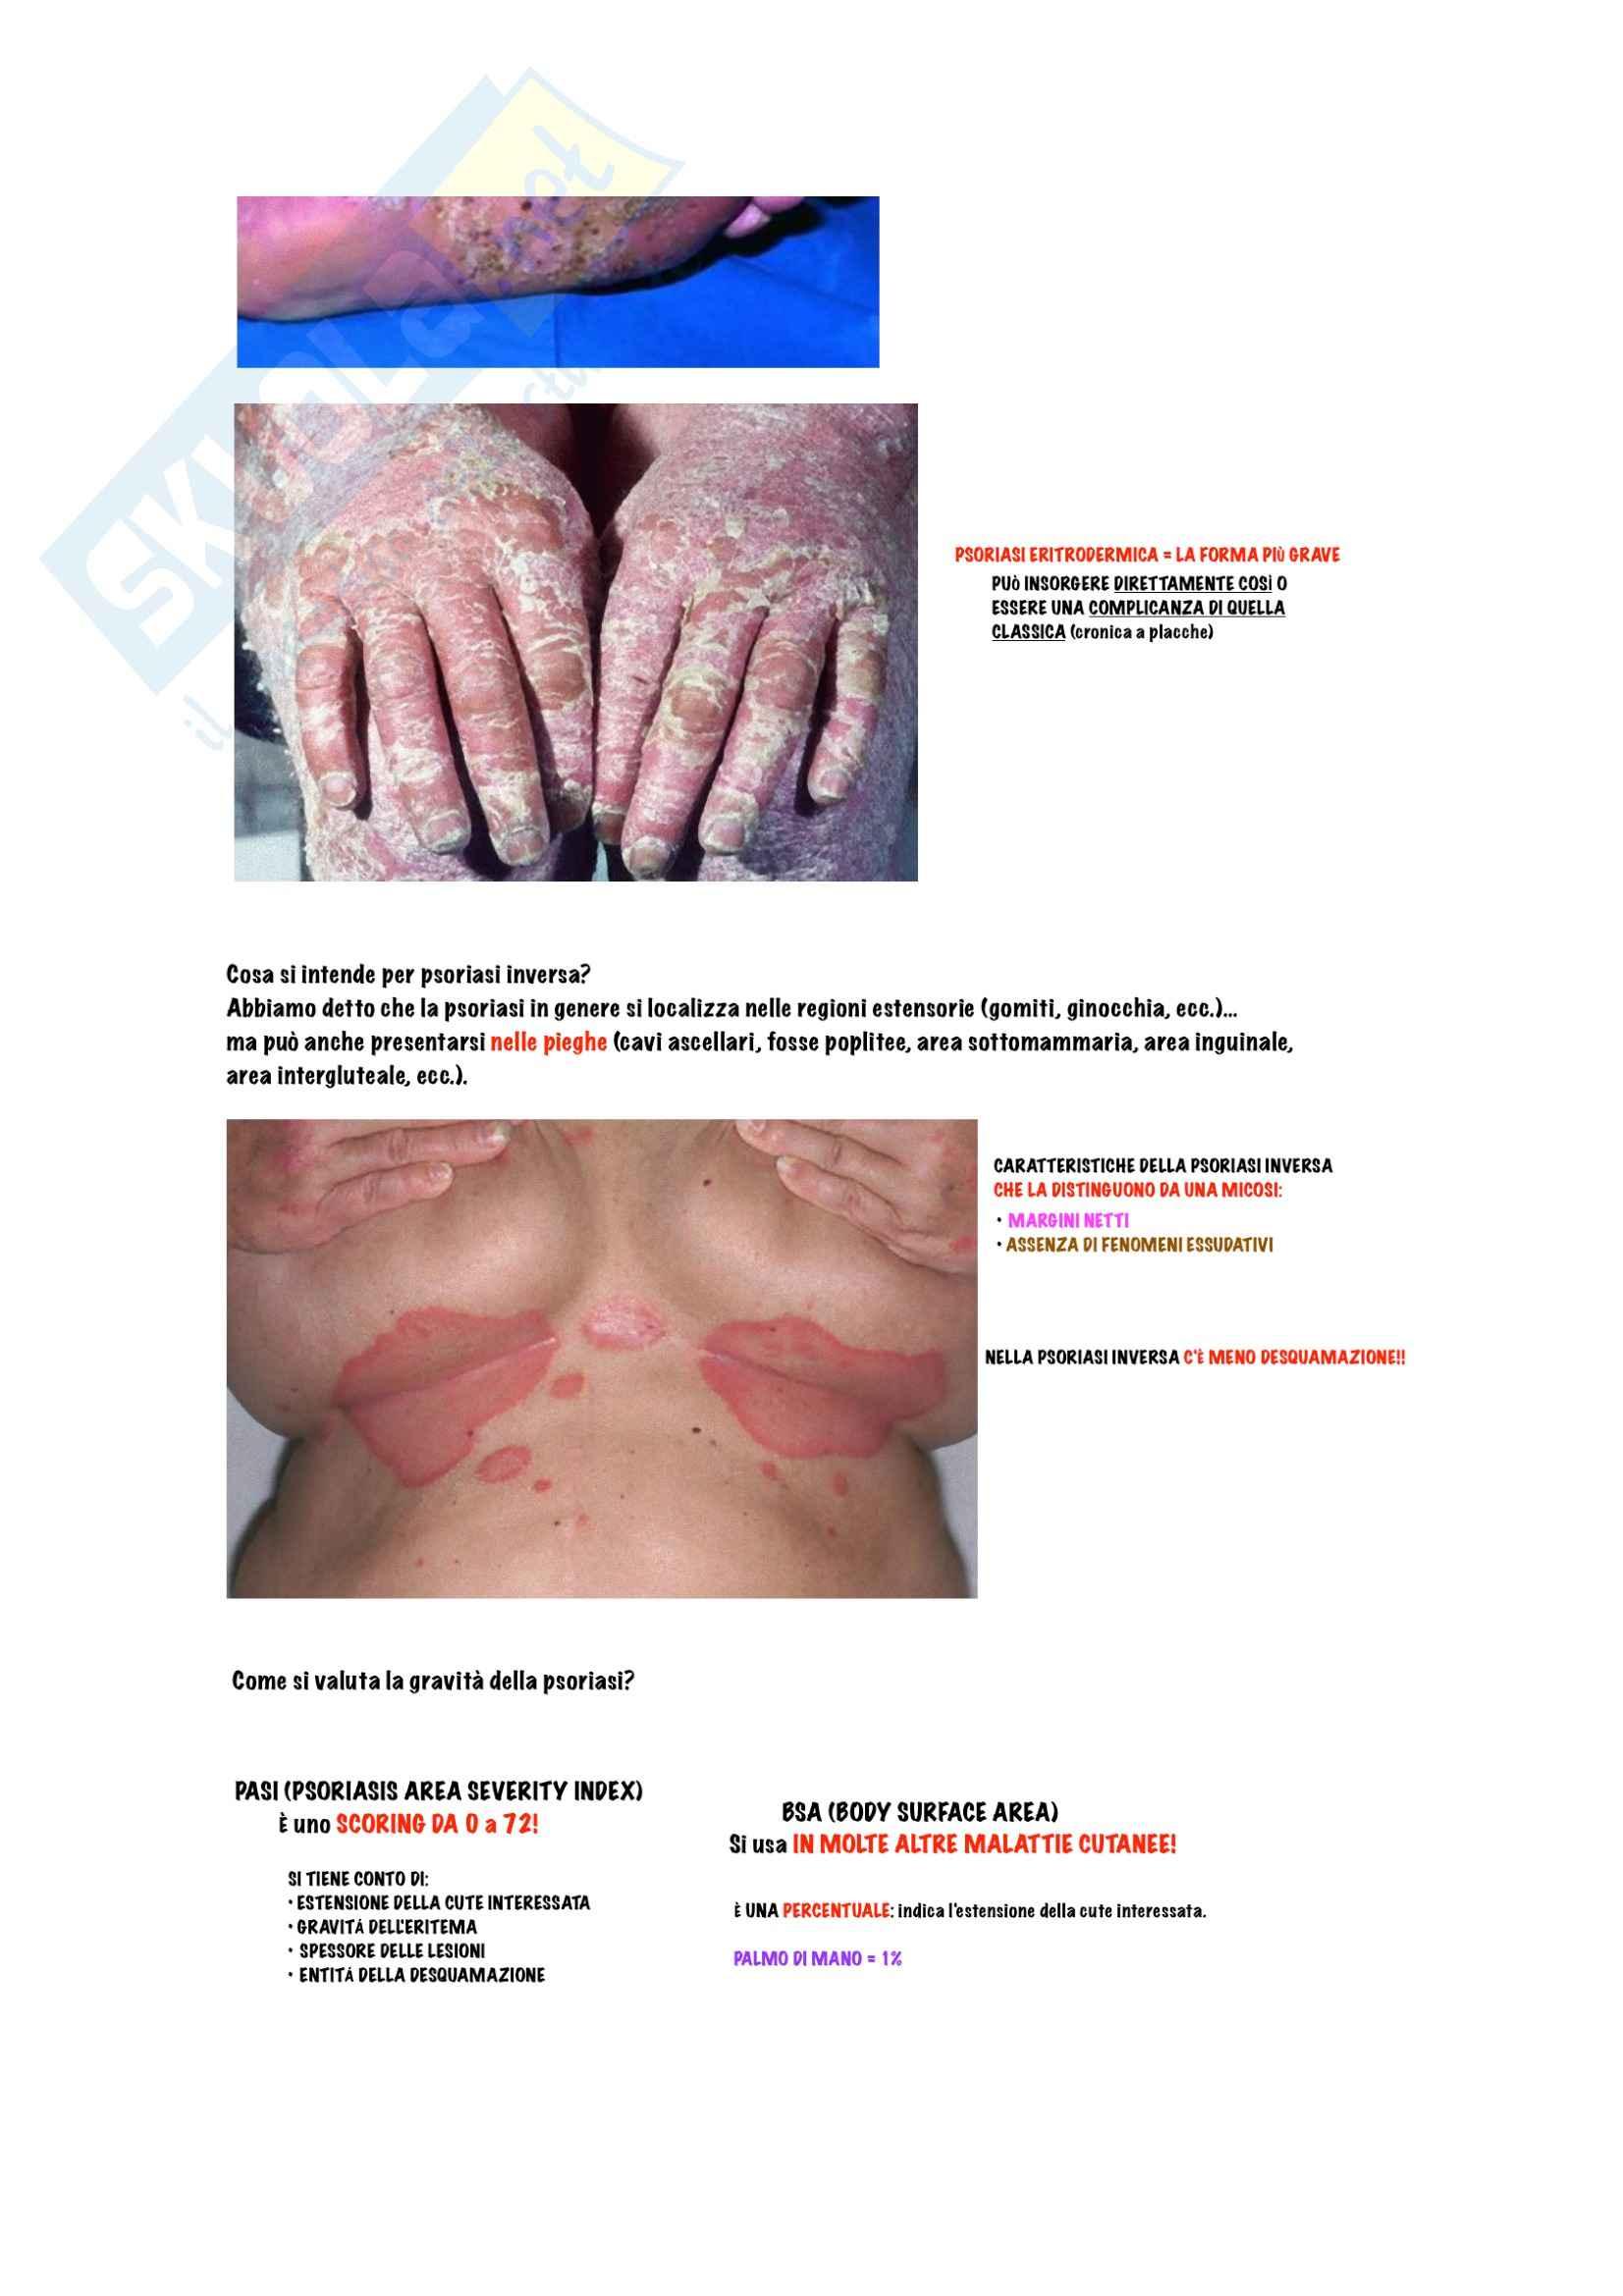 Dermatologia - malattie sessualmente trasmissibili Pag. 11